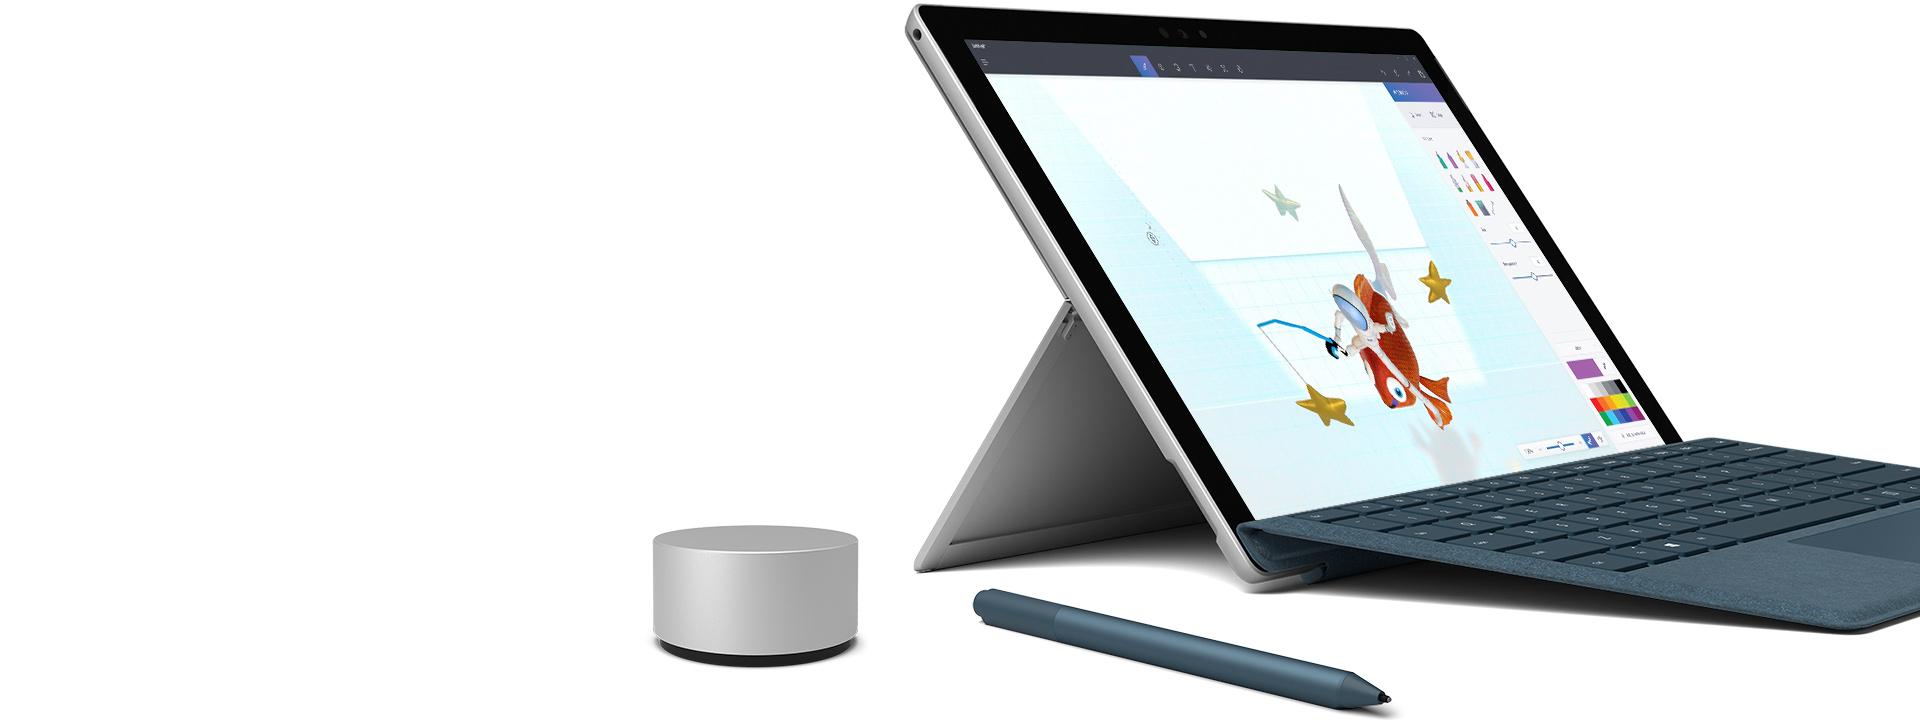 带 Surface Dial、触控笔和专业键盘盖的笔记本模式的 Surface Pro。